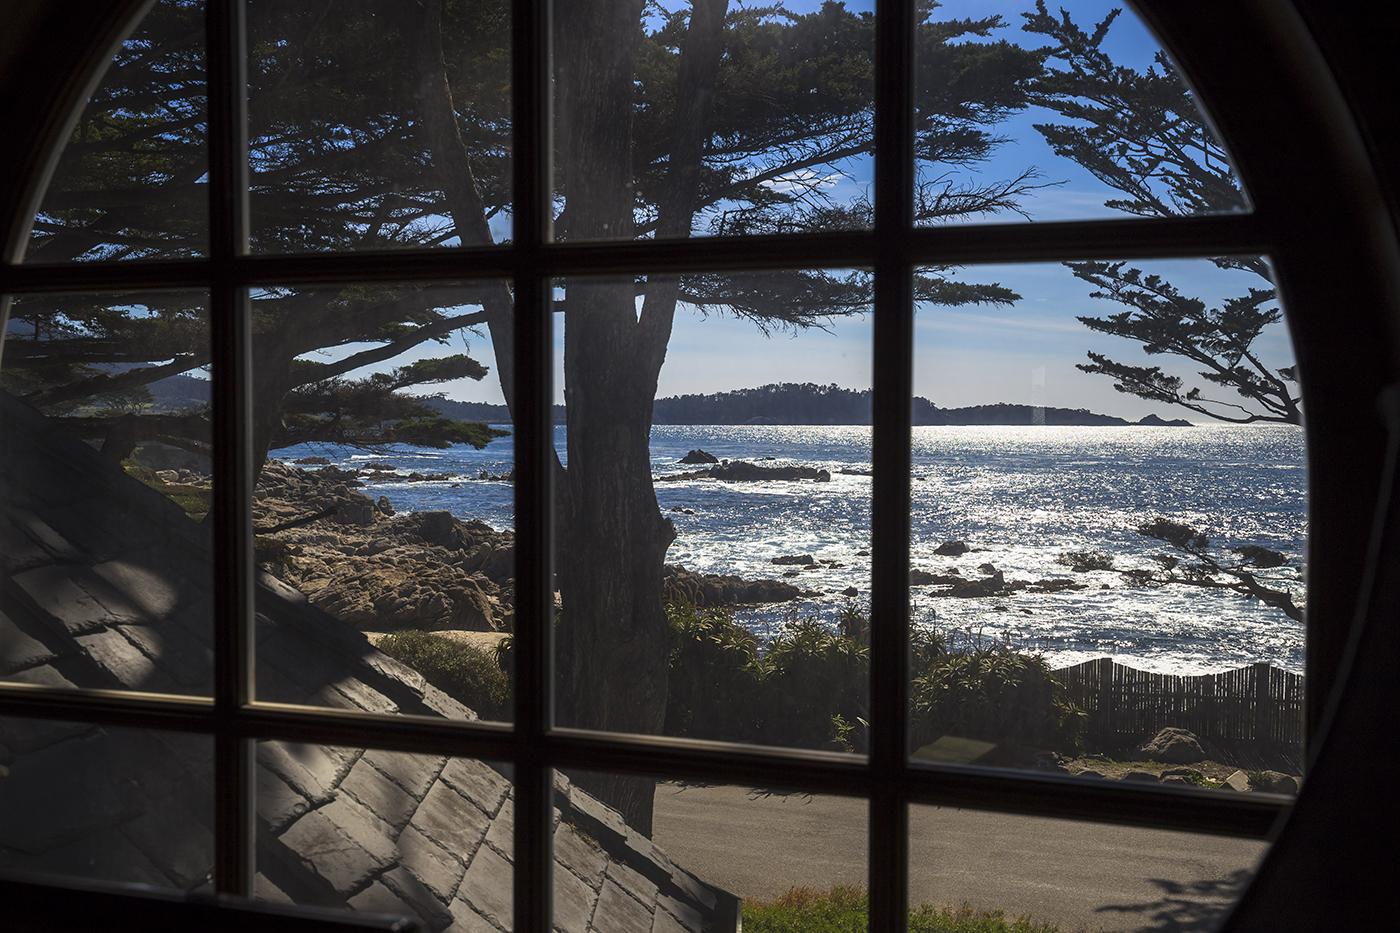 20 Ocean View - Pt Lobos View.jpg